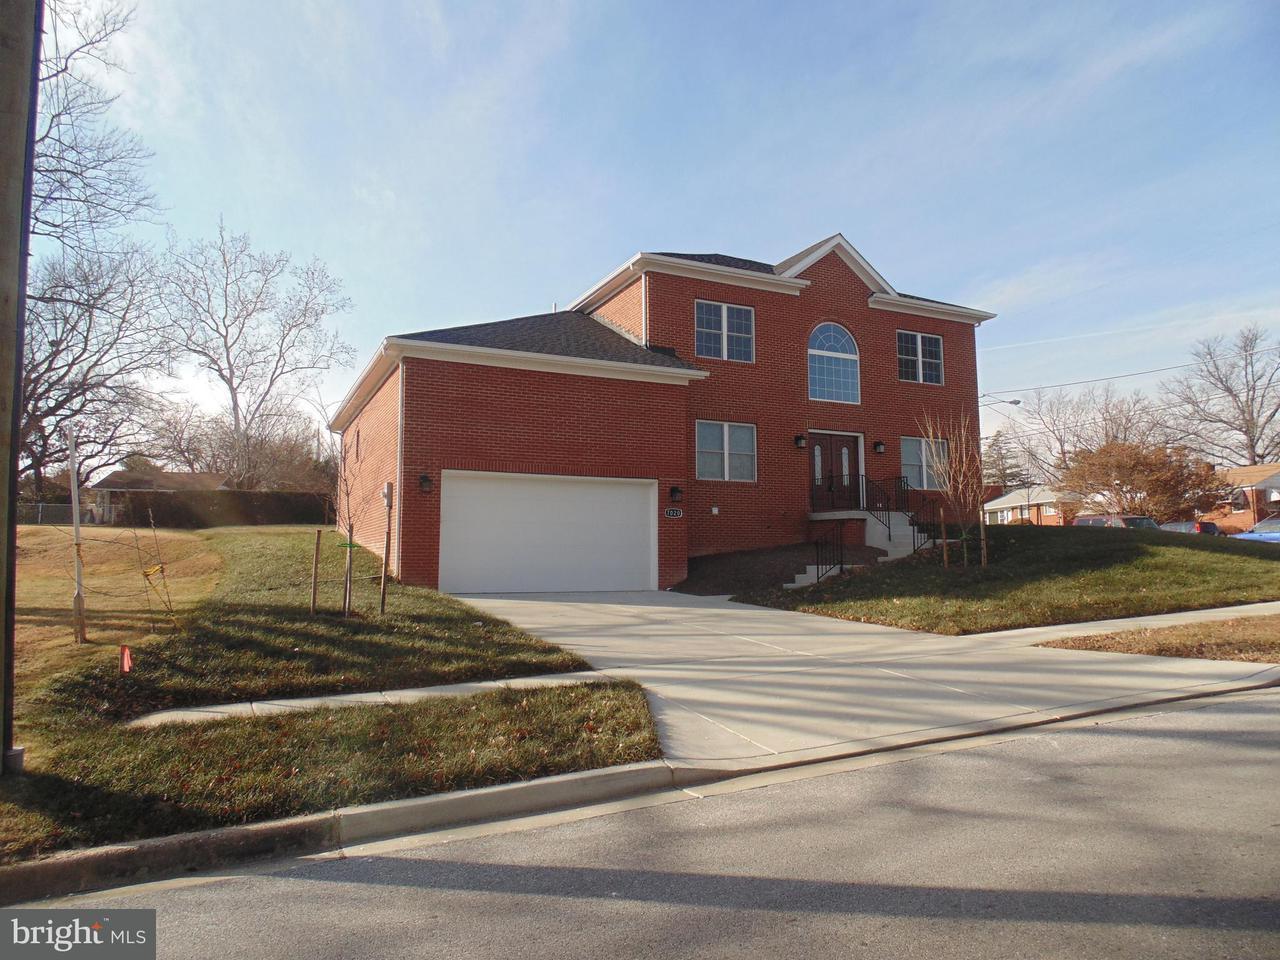 独户住宅 为 销售 在 7020 21st Avenue 7020 21st Avenue Hyattsville, 马里兰州 20783 美国